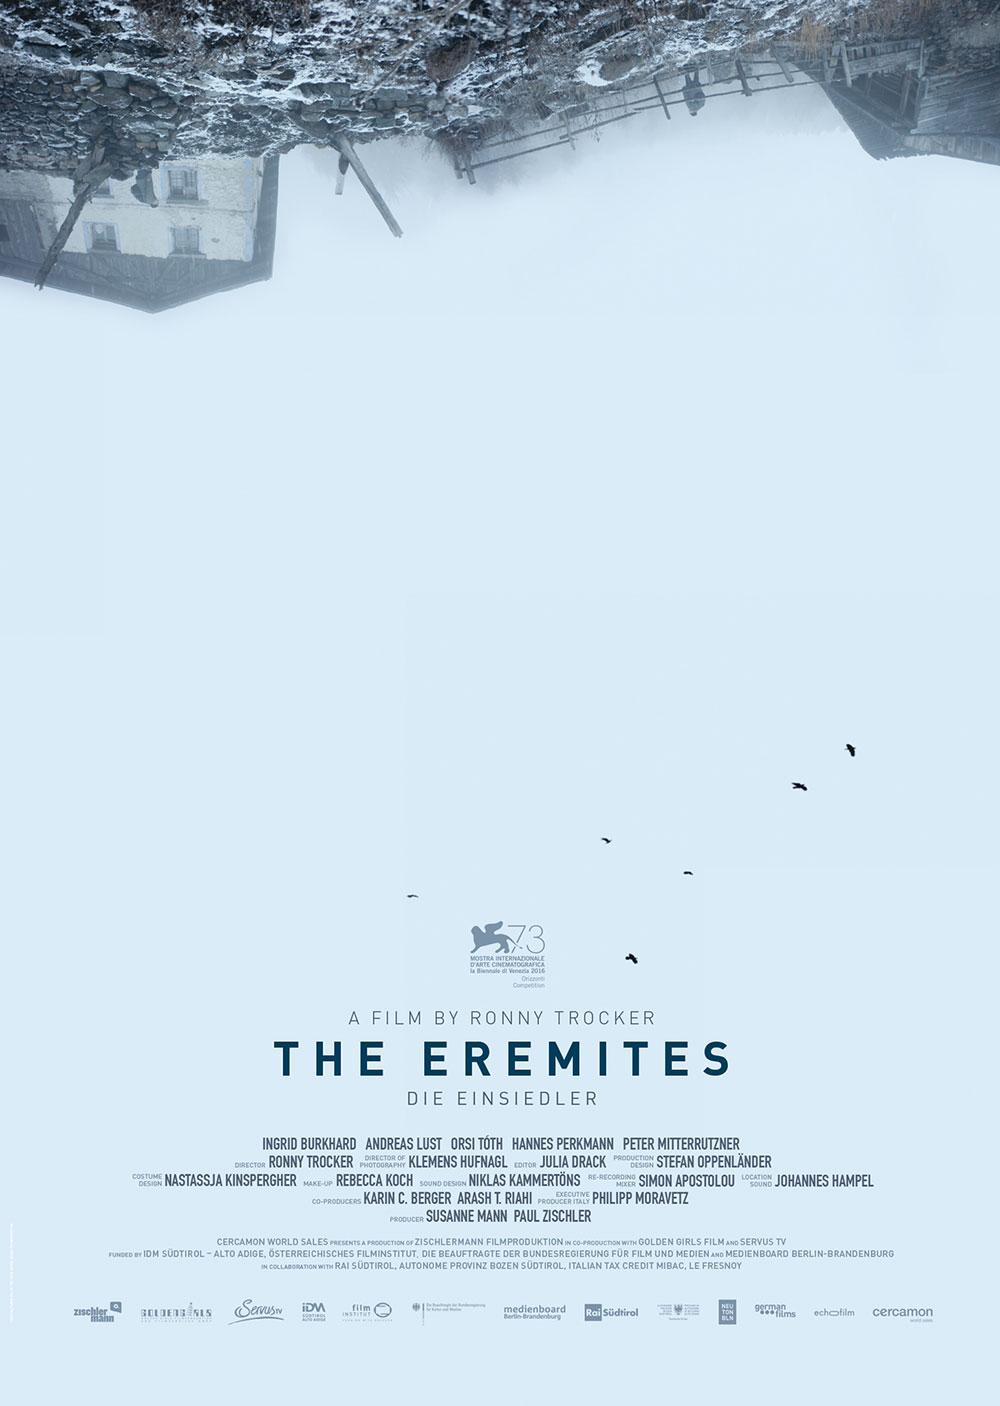 The Eremites